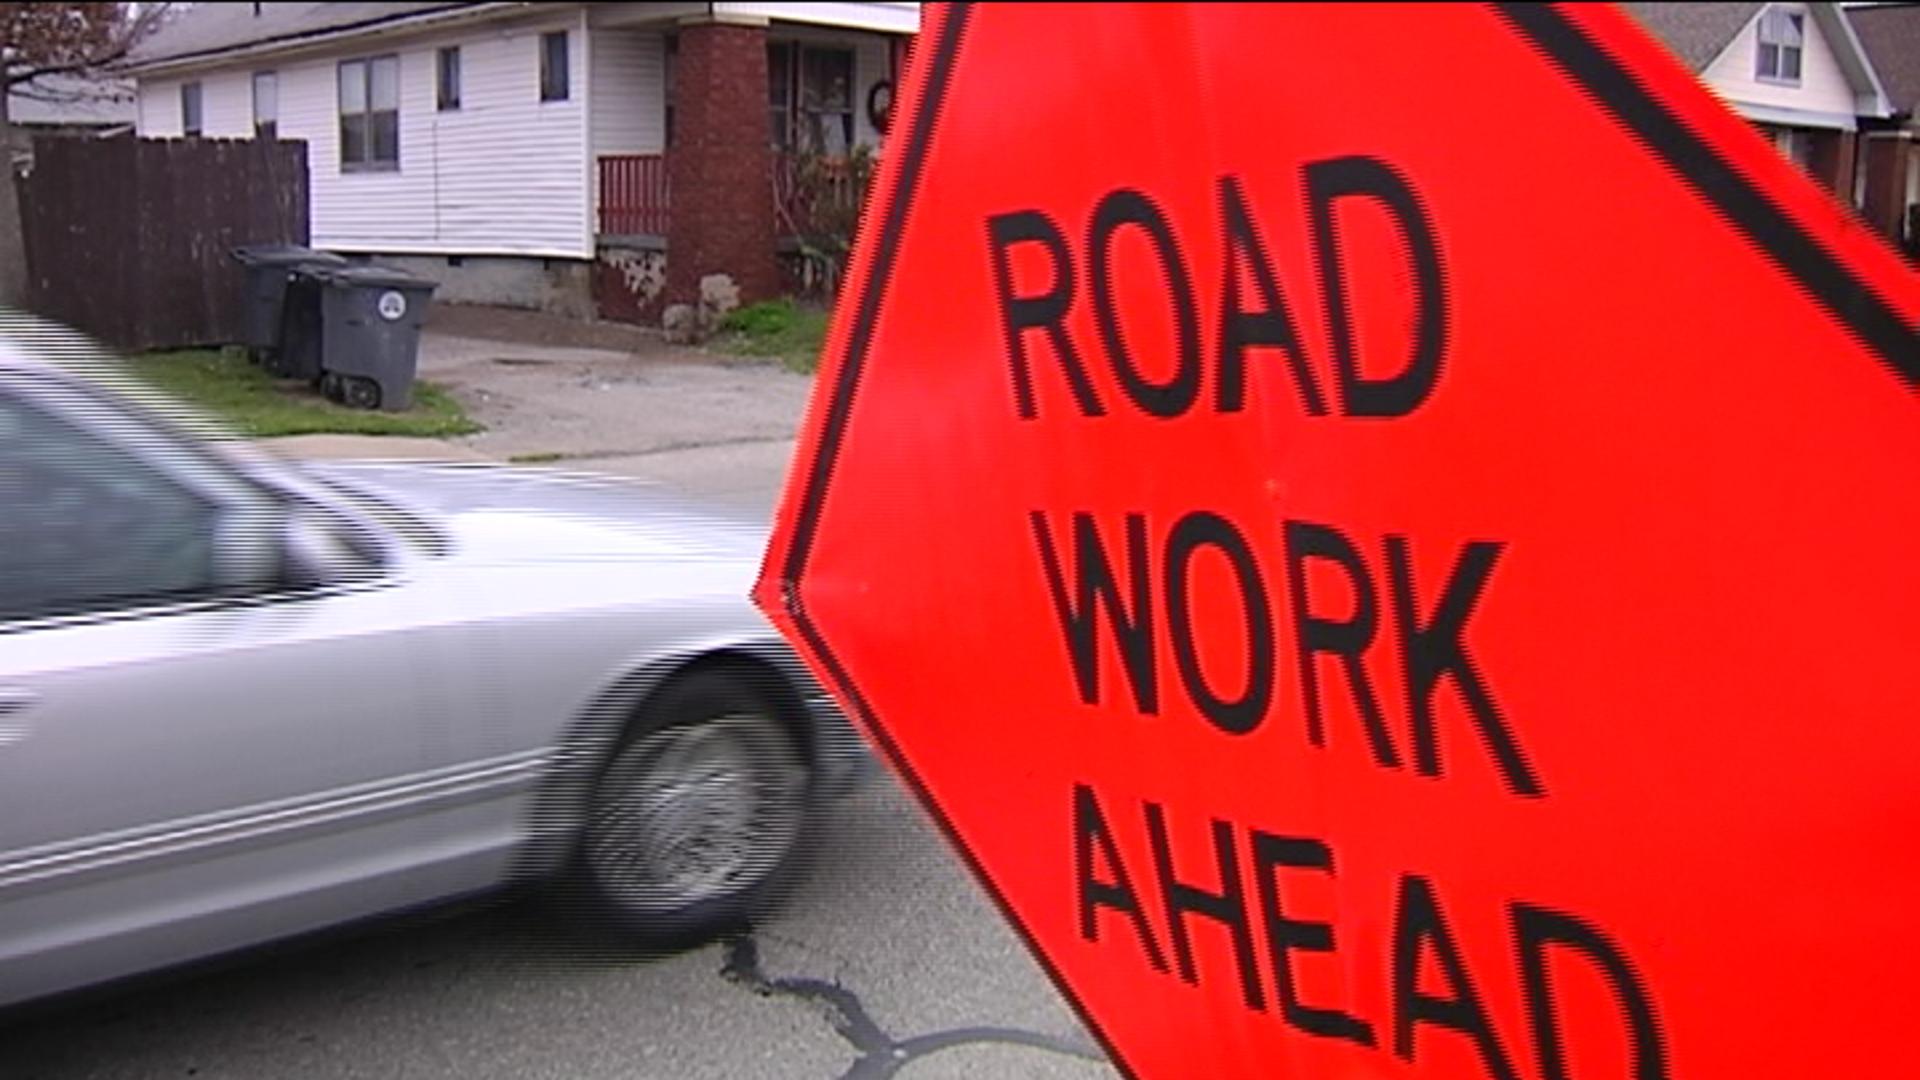 Road Work_1458772959828.jpg